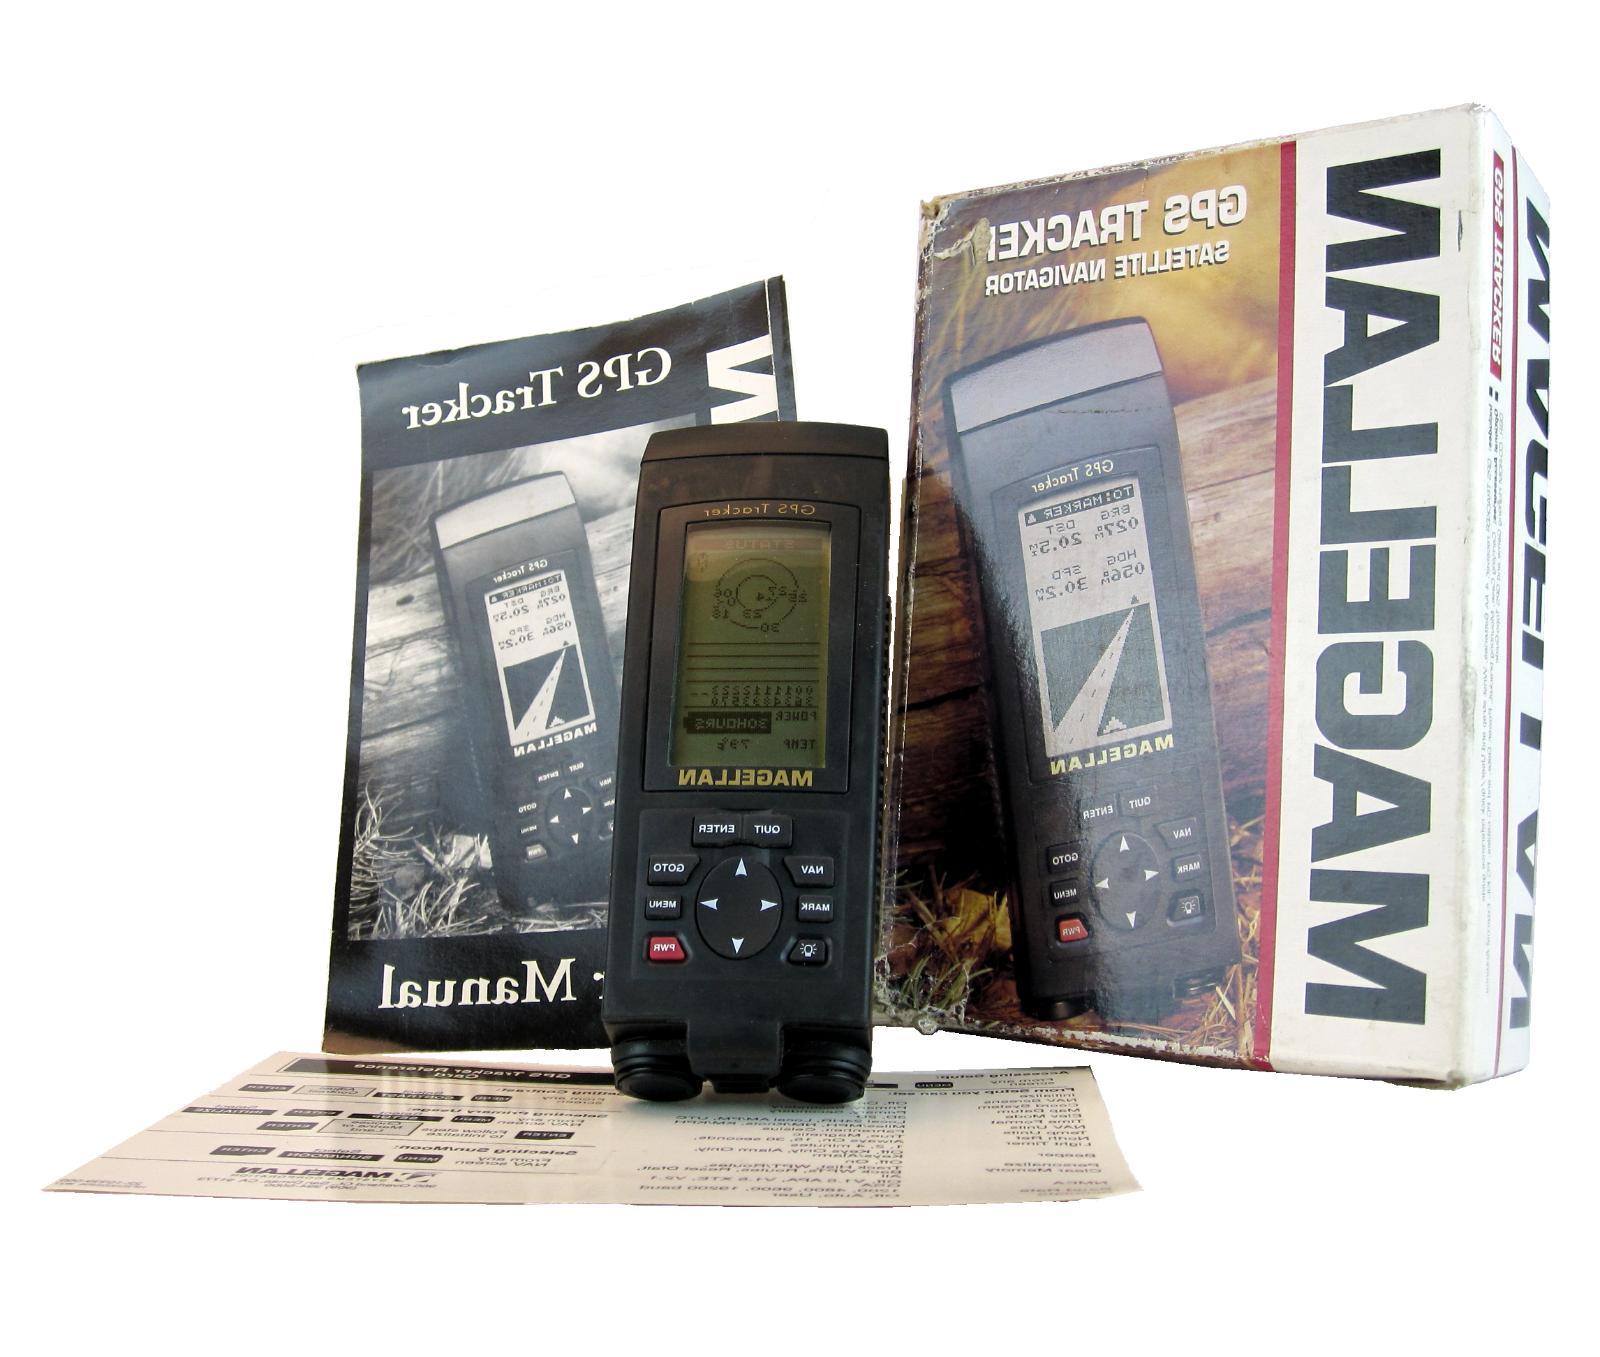 Magellan GPS Satellite Tracker Navigator Hiking Outdoor Camp